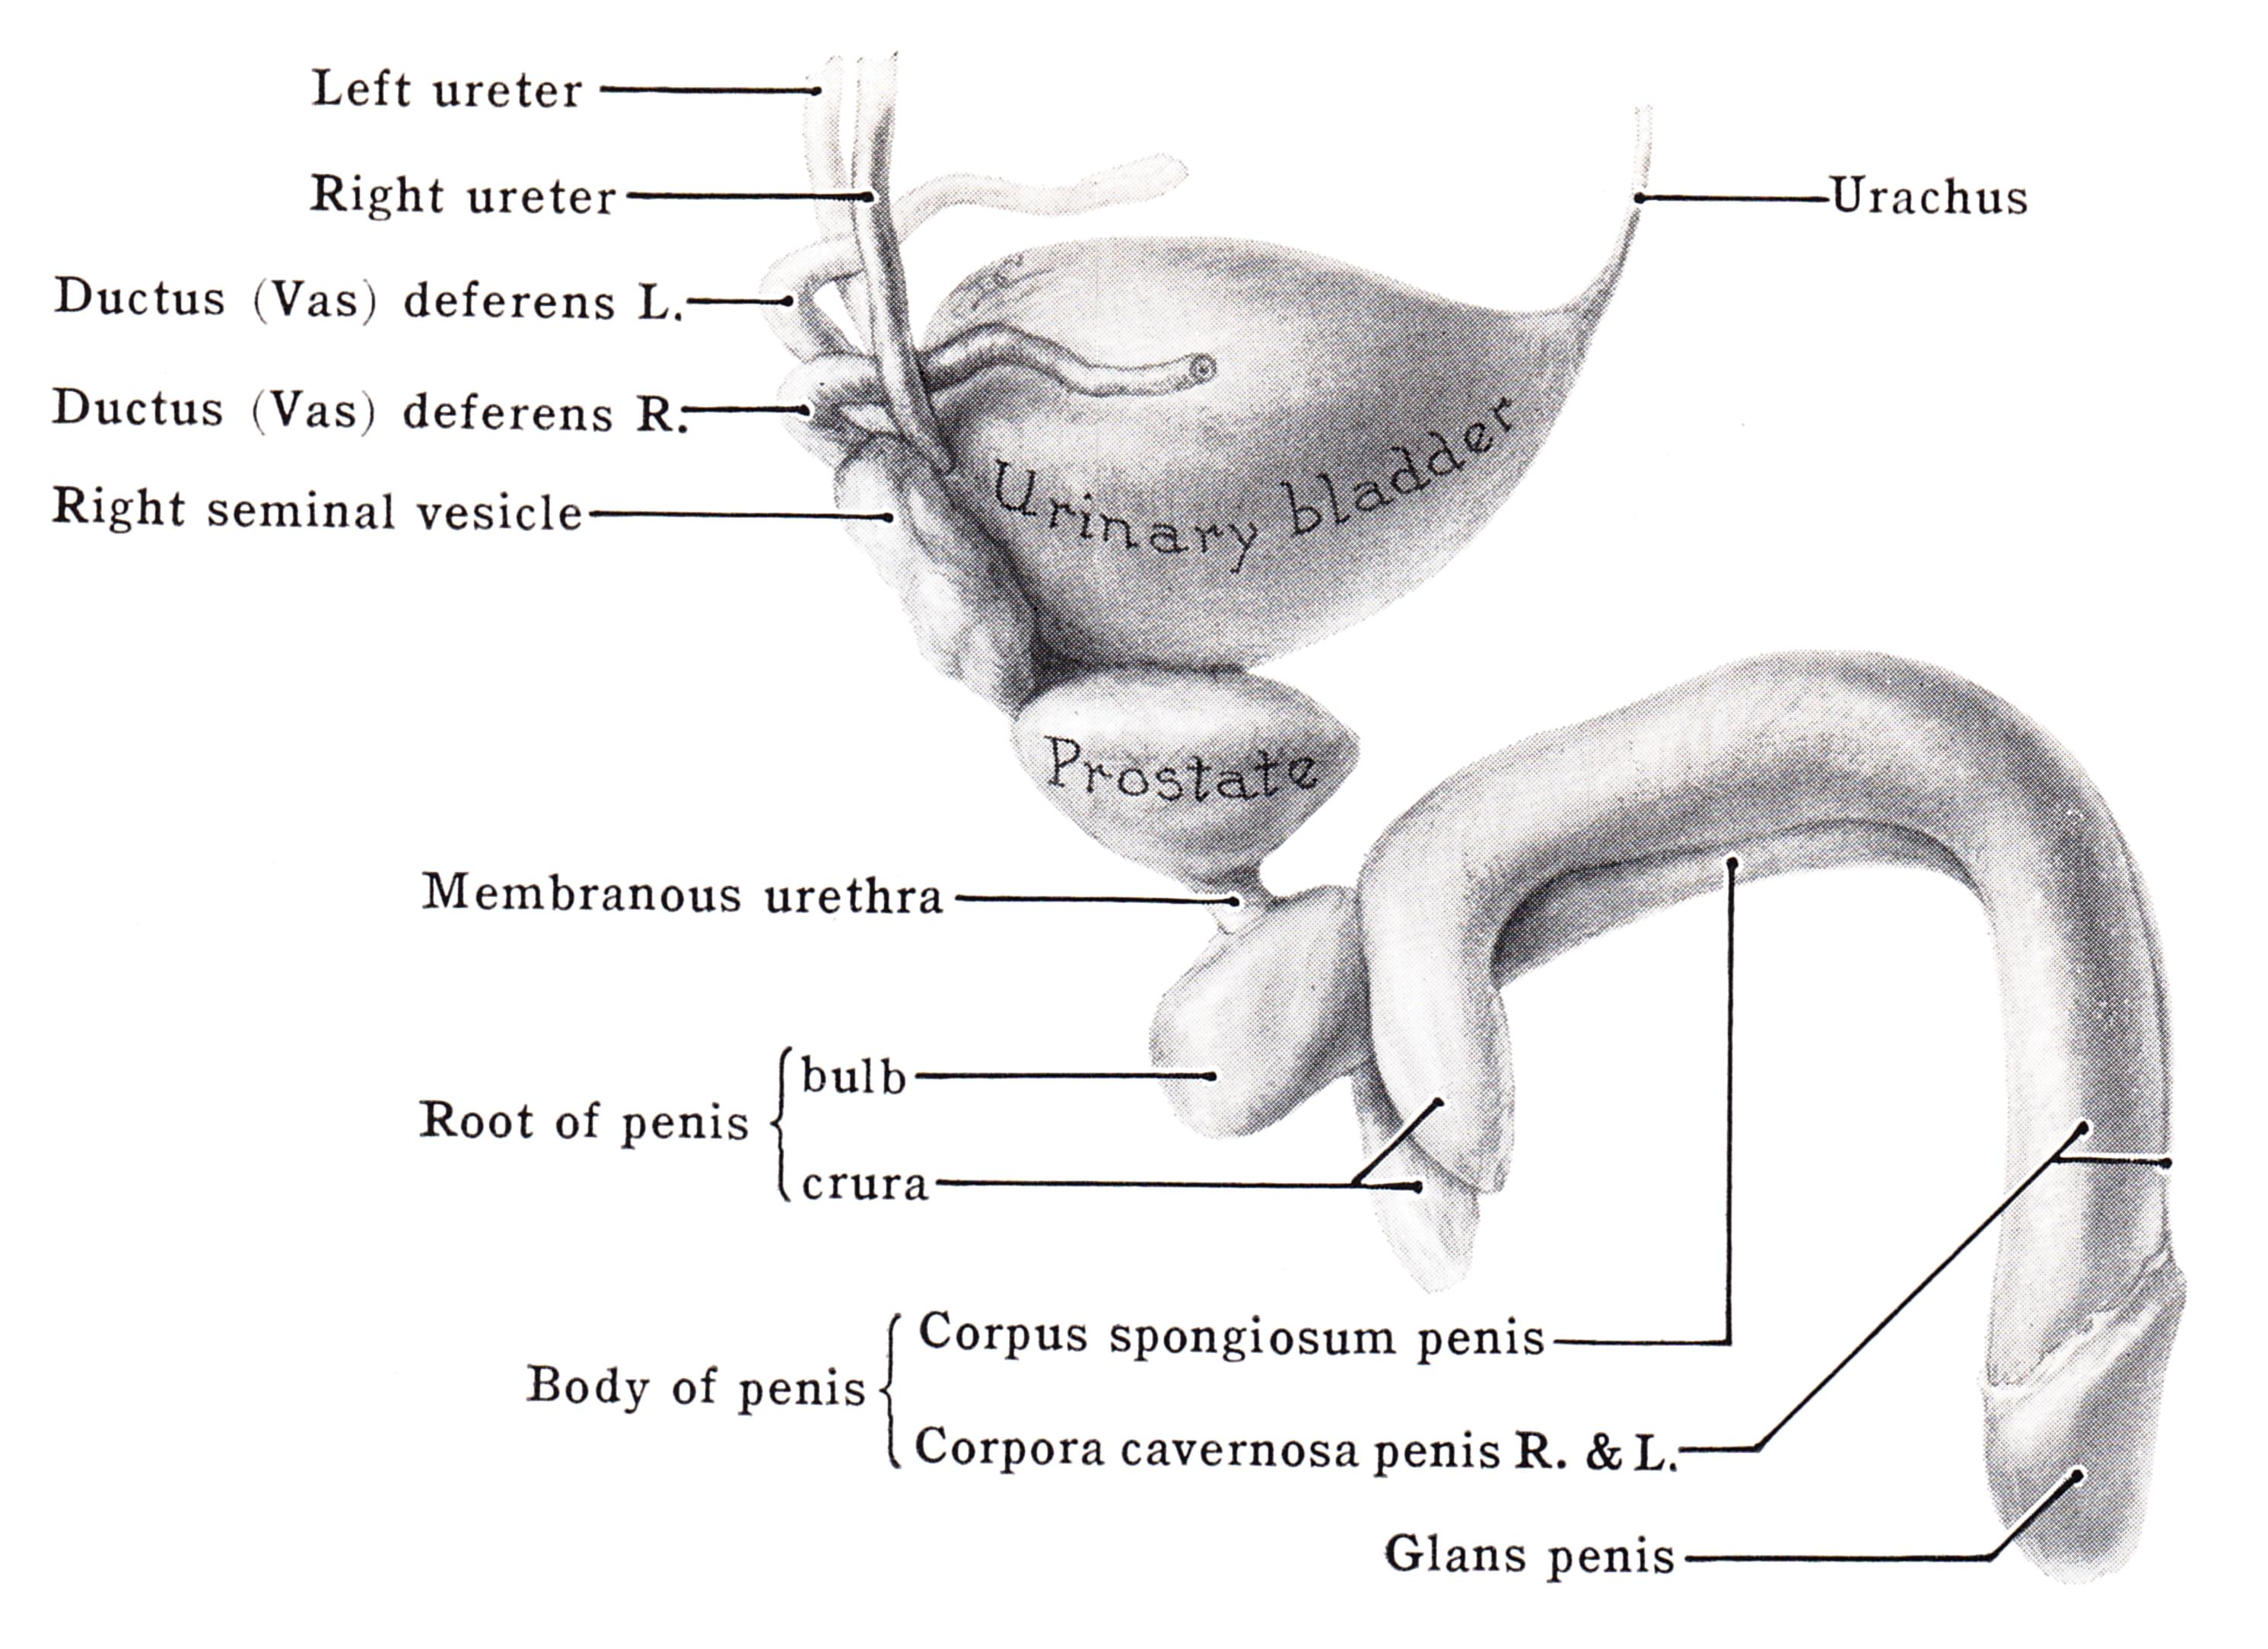 penis spongy bodies